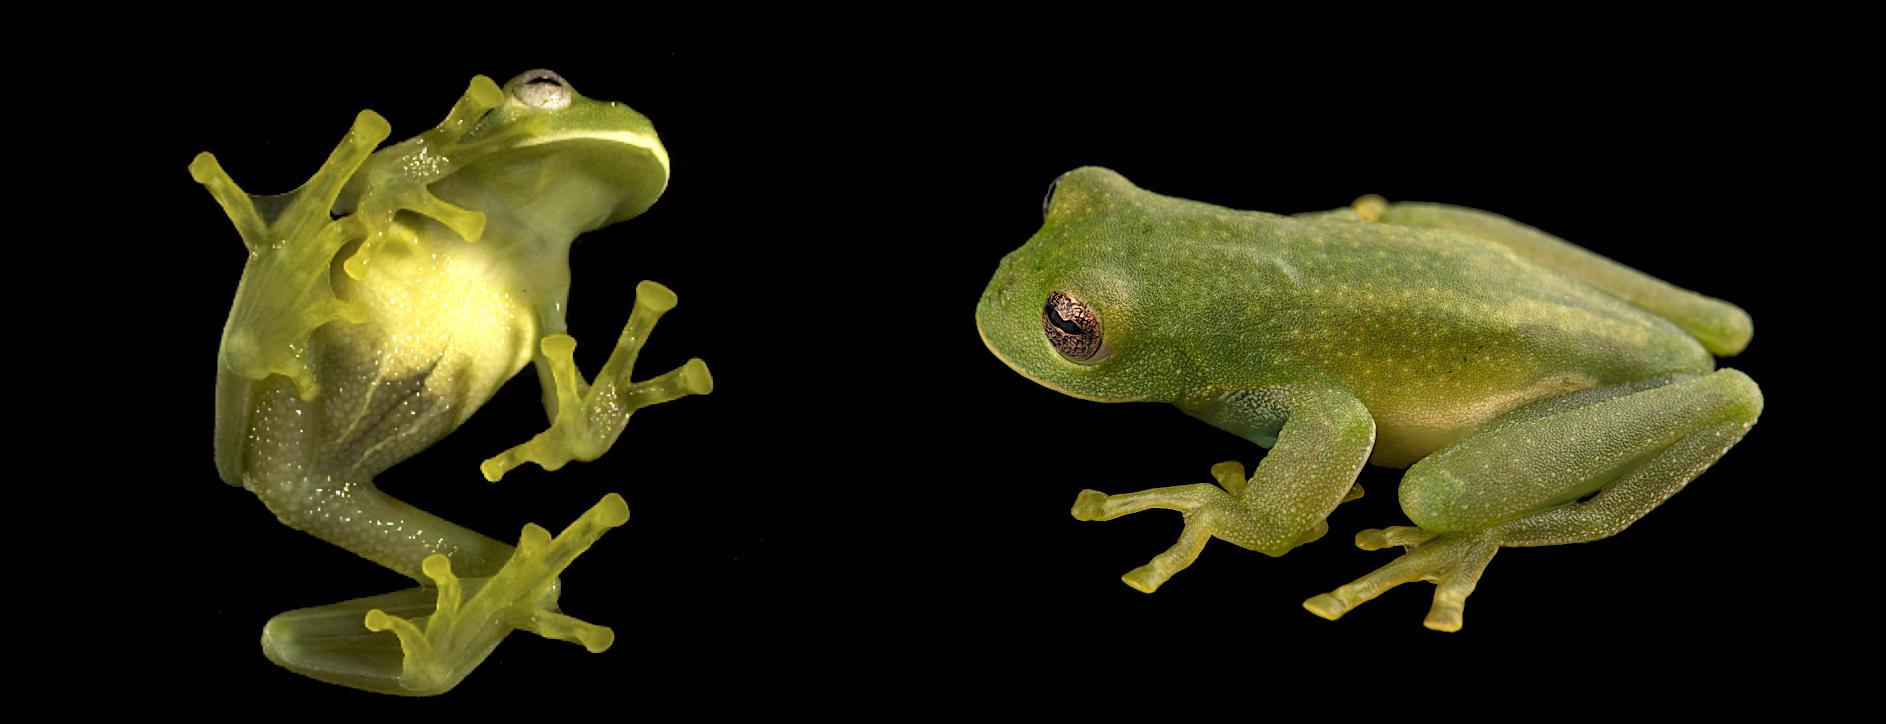 Ranas de cristal. Centrolene buckleyi. Especie críticamente amenazada. Foto izquierda: Eduardo Toral. Foto derecha: Diego Acosta-López.